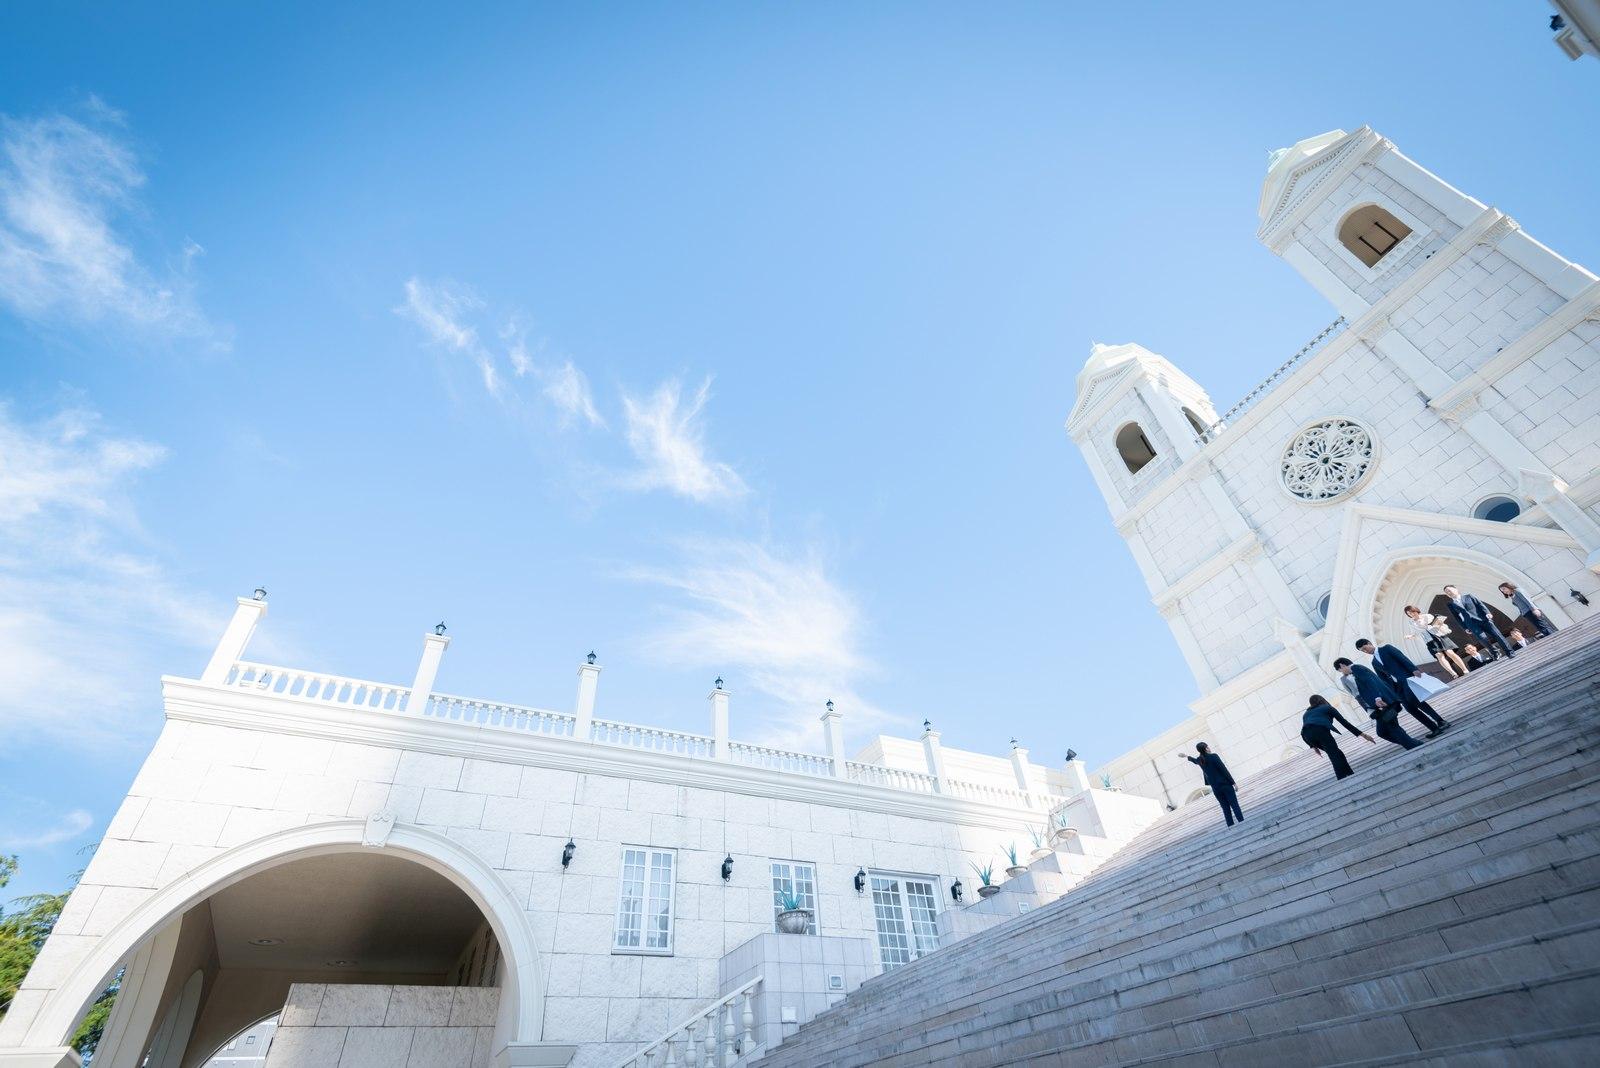 香川県の結婚式場のシェルエメール&アイスタイル 大階段